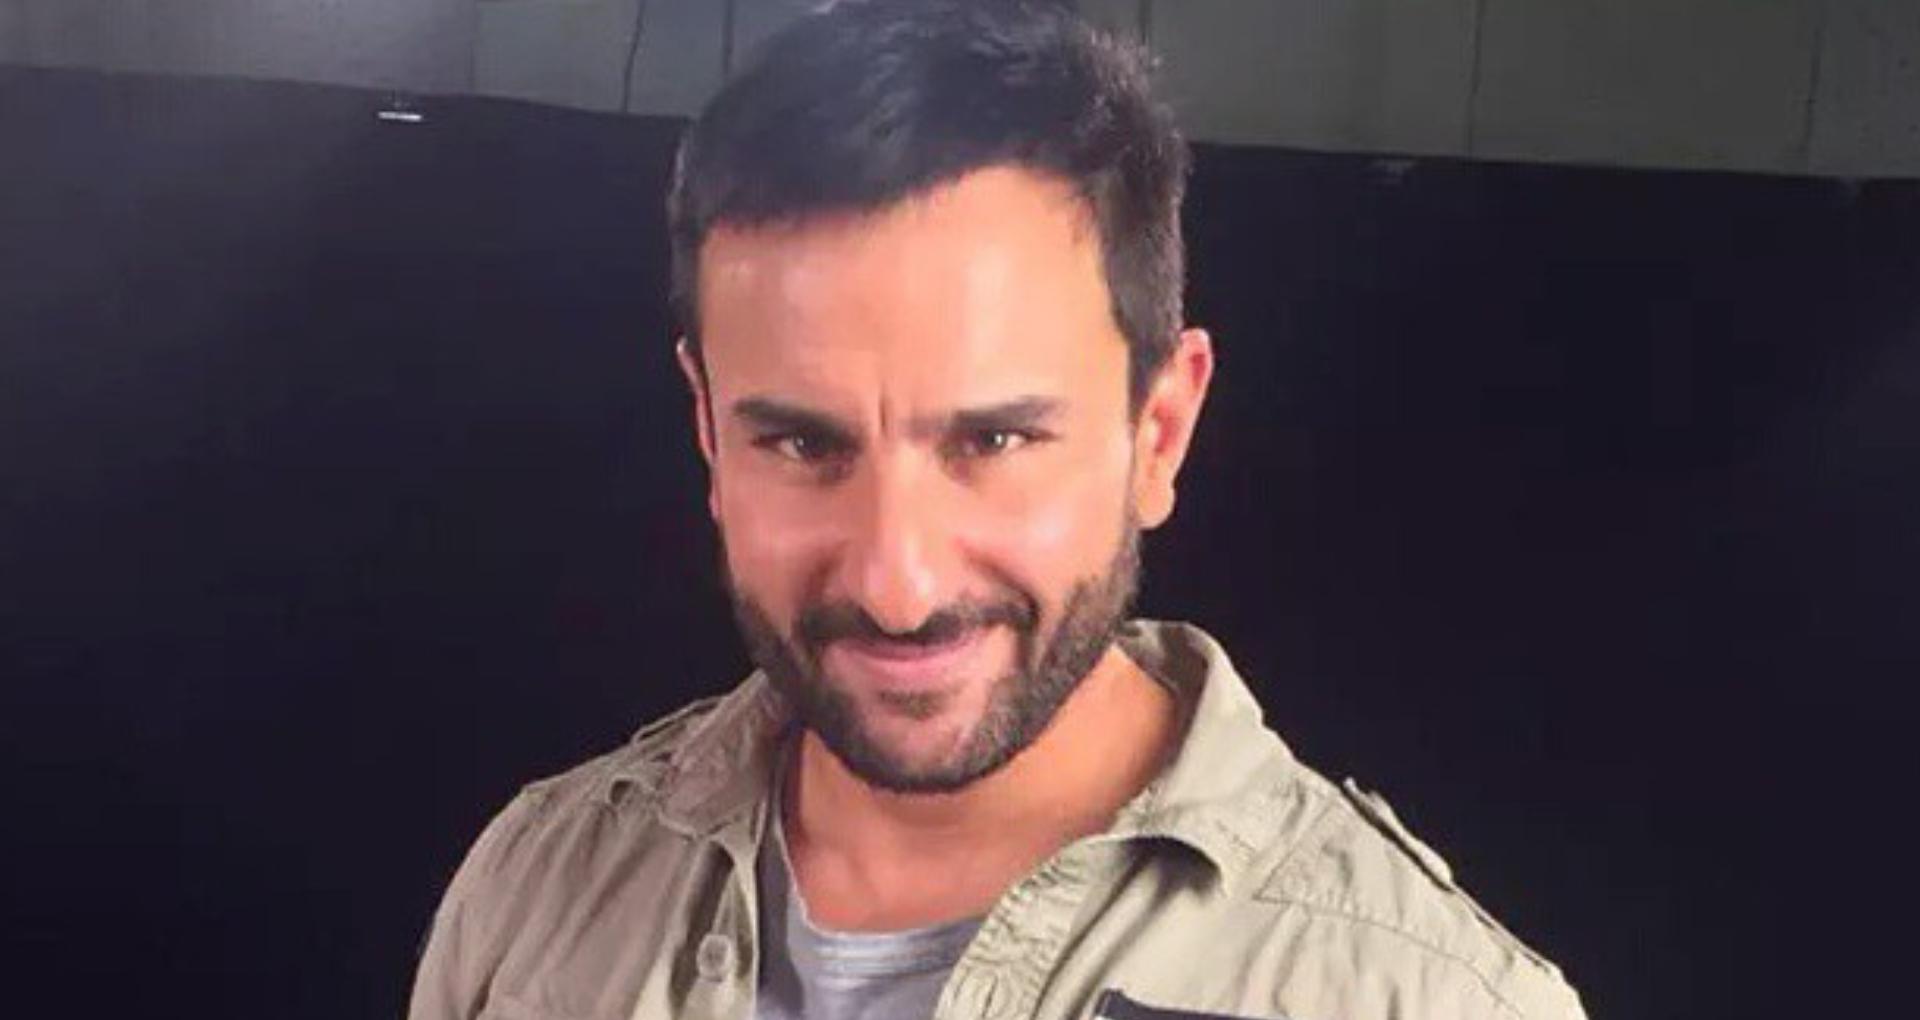 Saif Ali Khan TV Debut: छोटे पर्दे पर डेब्यू करेंगे छोटे नवाब सैफ अली खान, ये होंगी सीरियल की हिरोइन